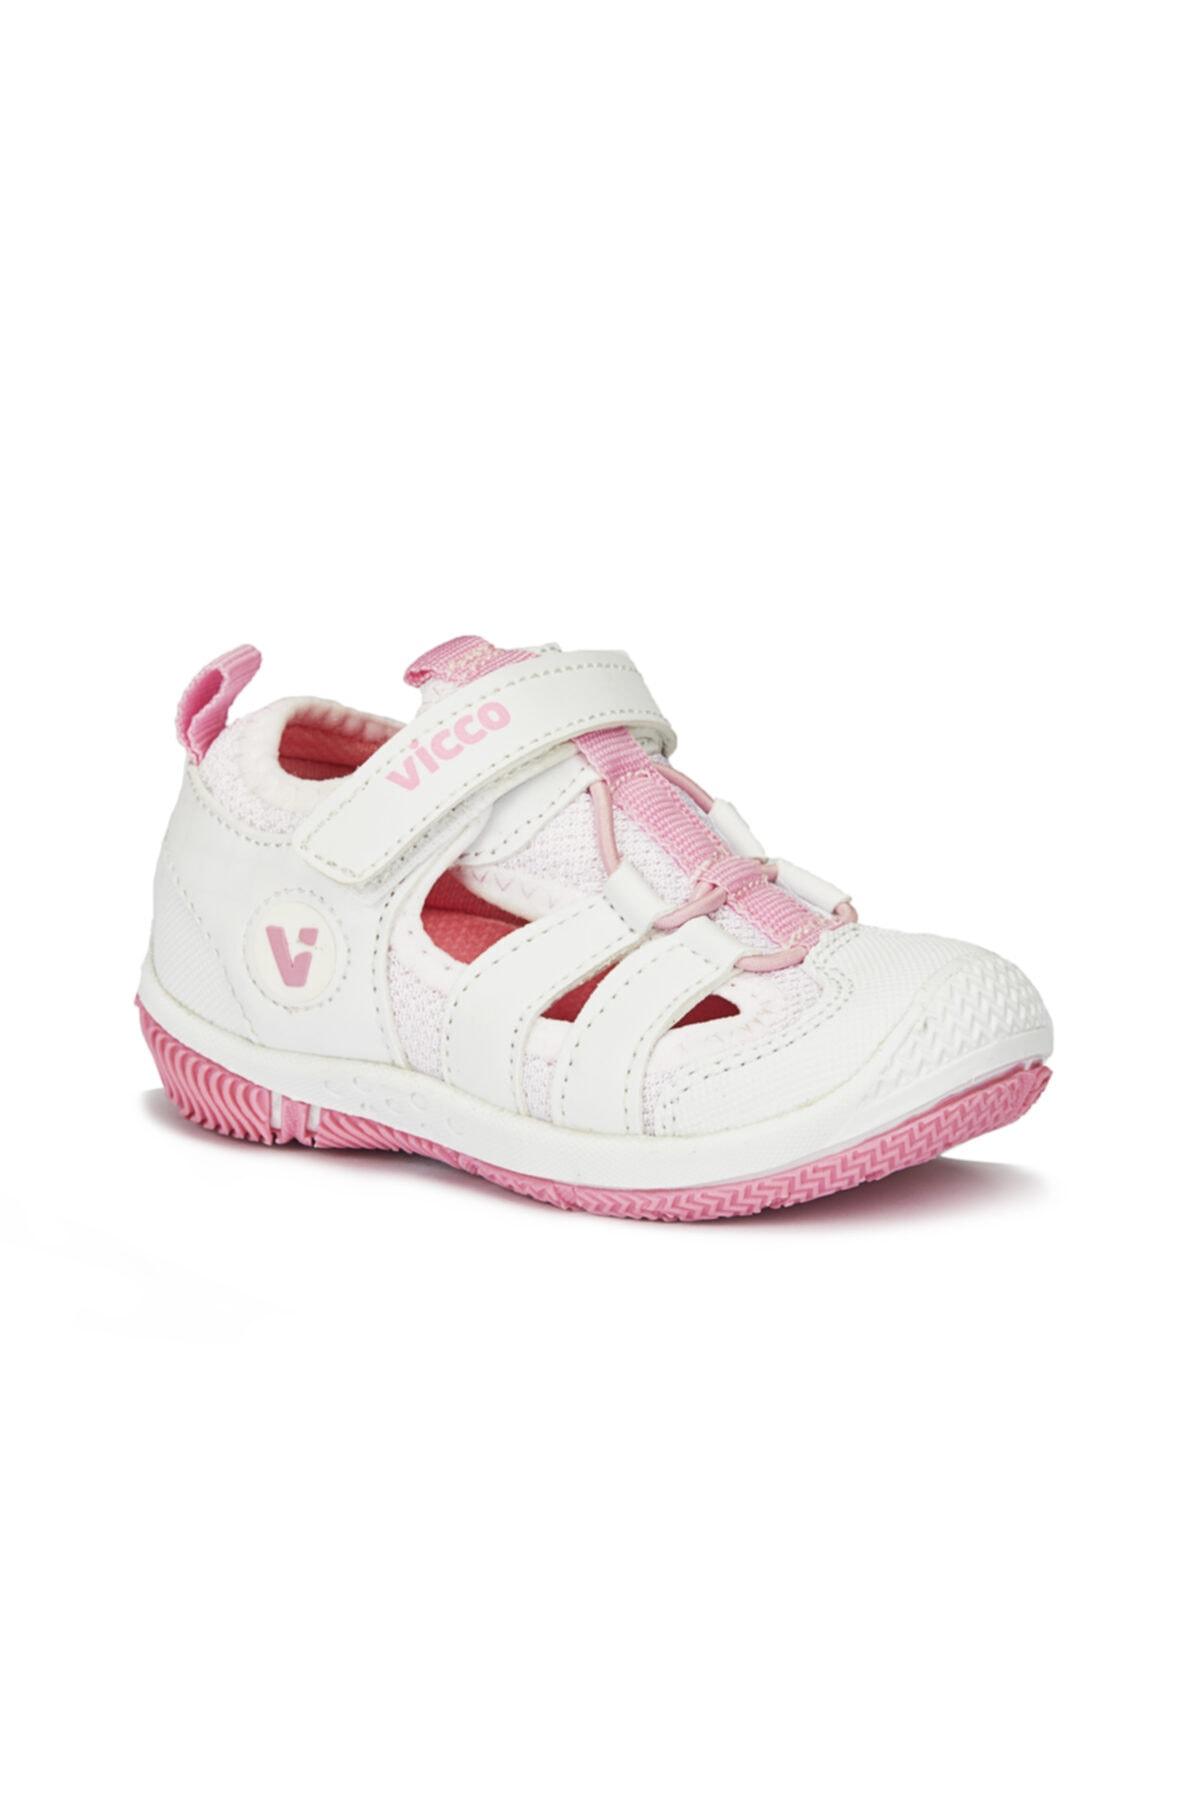 Kız Çocuk Beyaz Pembe Spor Ayakkabı